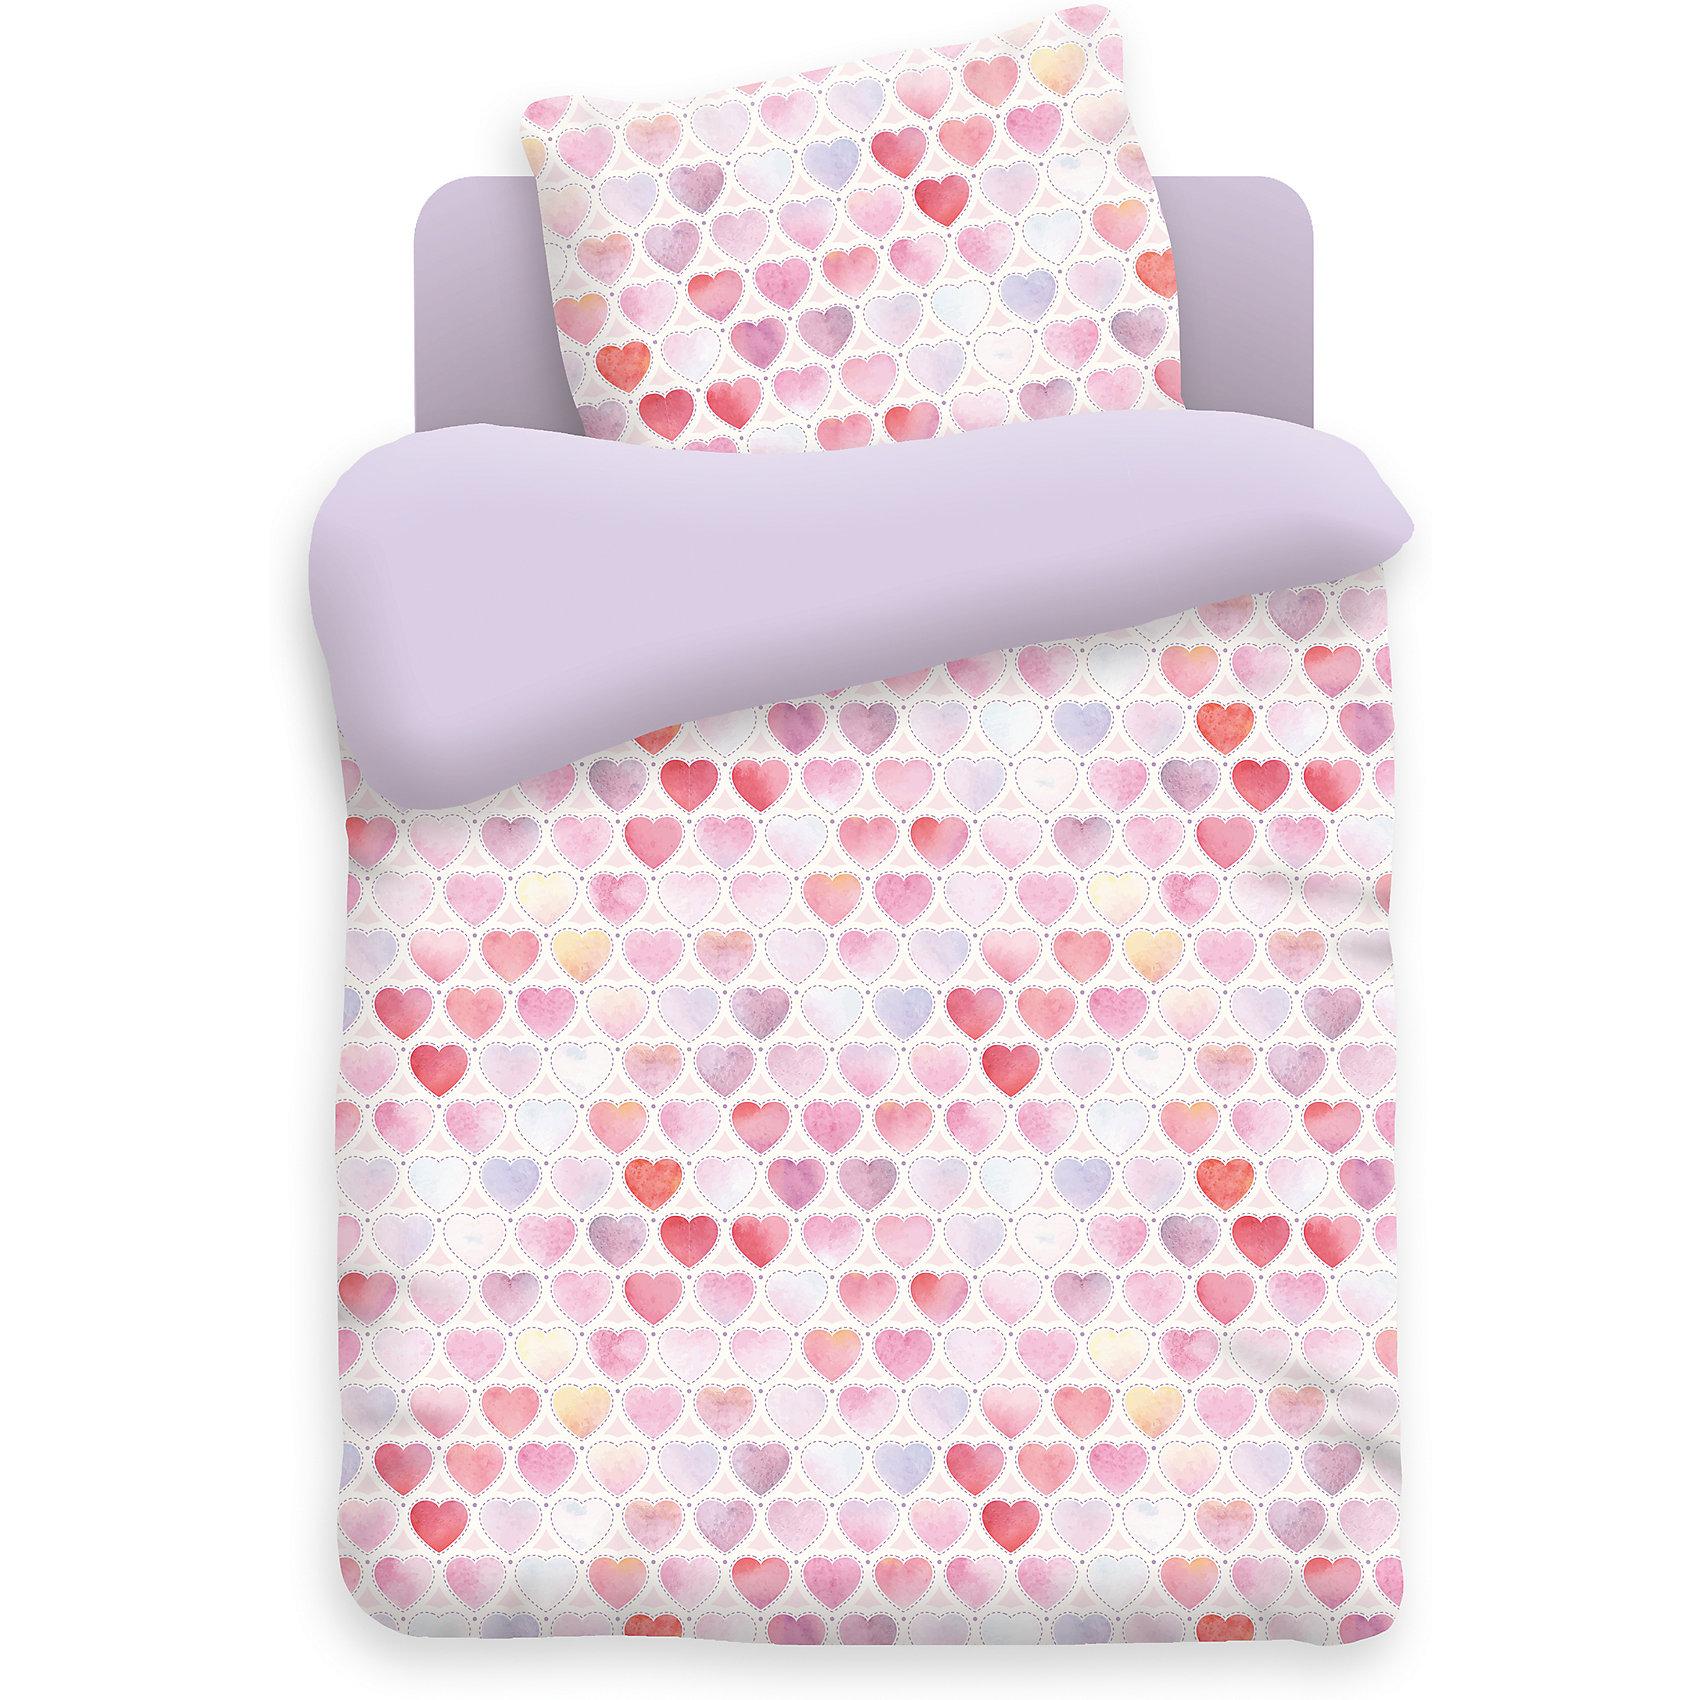 Комплект детского постельного белья на резинке Сердечки, бязь, Непоседа, фиолетовыйКомплект детского постельного белья на резинке Сердечки, бязь, Непоседа, фиолетовый<br><br>Характеристики:<br><br>• прочное и износостойкое<br>• хорошо пропускает воздух<br>• удобная резинка<br>• в комплекте: простыня, наволочка, пододеяльник<br>• размер простыни: 150х110 см<br>• размер наволочки: 40х60 см<br>• размер пододеяльника: 112х147 см<br>• материал: бязь (100% хлопок)<br>• плотность: 98 г/м2<br>• размер упаковки: 5х20х30 см<br>• вес: 800 грамм<br>• цвет: фиолетовый<br><br>Белье, украшенное узором из сердечек - то, что нужно для сладких снов маленькой принцессы! Комплект изготовлен из мягкой, прочной бязи, гарантирующей белью высокую износостойкость. Бязь позволяет коже ребенка дышать, хорошо пропуская воздух. Красители на натуральной основе не вызывают аллергии и не вымываются при стирках. Удобная резинка позволит вам закрепить белье на кровати.<br><br>Комплект детского постельного белья на резинке Сердечки, бязь, Непоседа, фиолетовый вы можете купить в нашем интернет-магазине.<br><br>Ширина мм: 300<br>Глубина мм: 200<br>Высота мм: 50<br>Вес г: 800<br>Возраст от месяцев: 36<br>Возраст до месяцев: 216<br>Пол: Женский<br>Возраст: Детский<br>SKU: 5430859